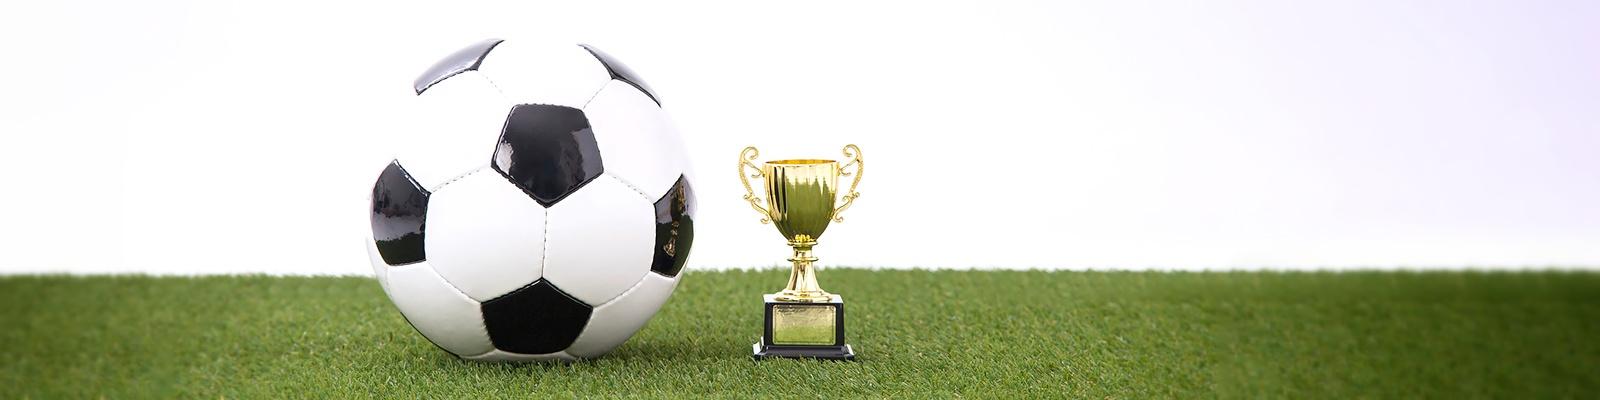 サッカー ボール トロフィー イメージ